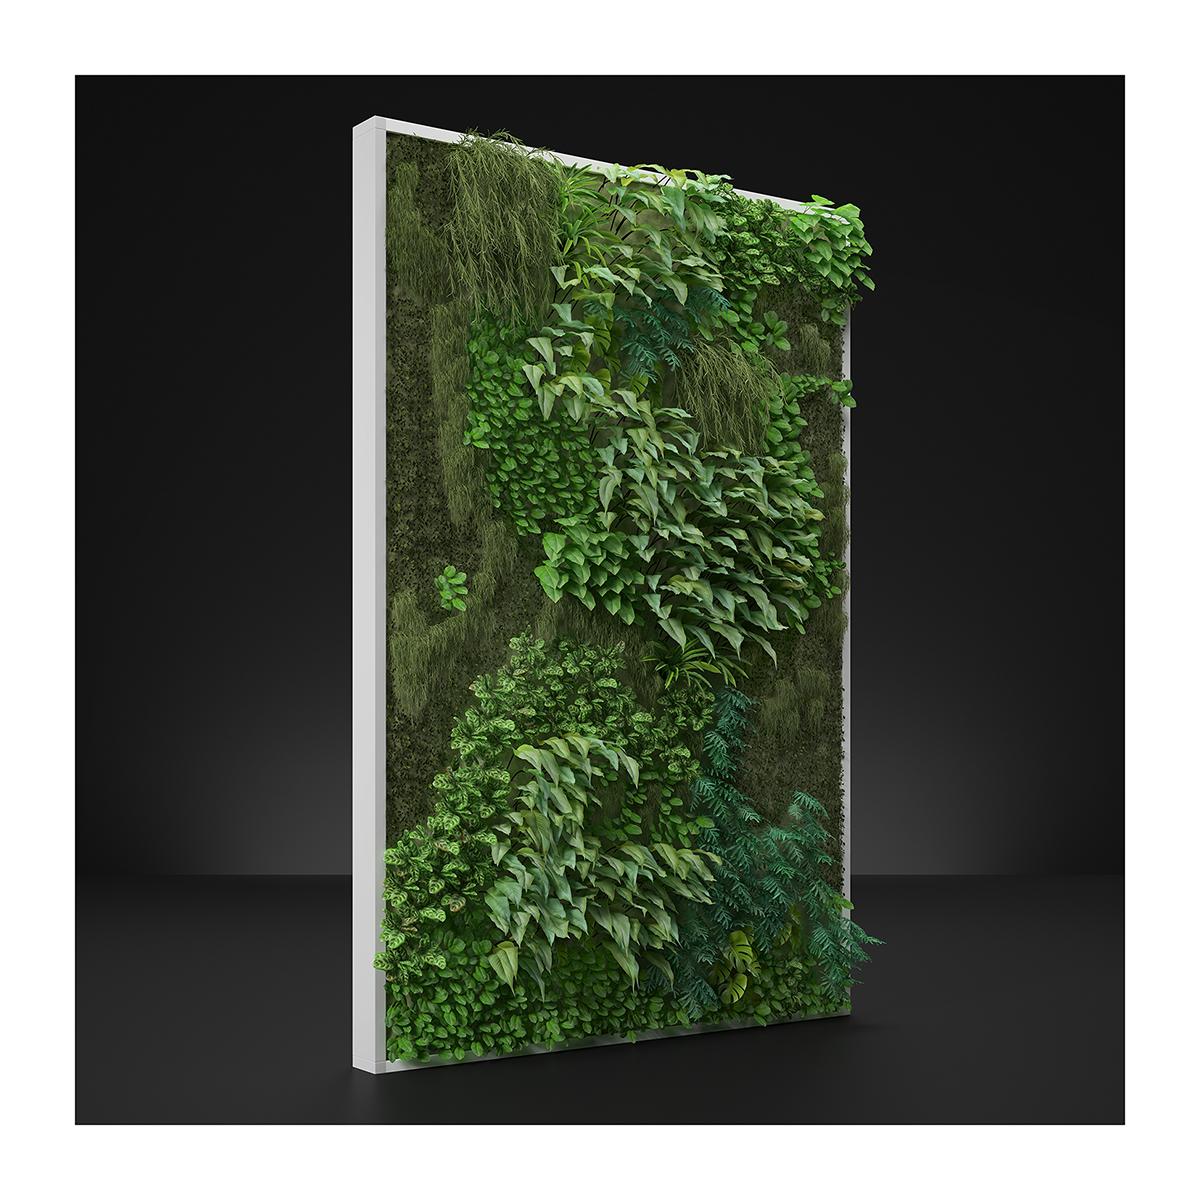 Virtual Vertical Garden N1 001 1 - 2020 - Virtual Vertical Garden N°1